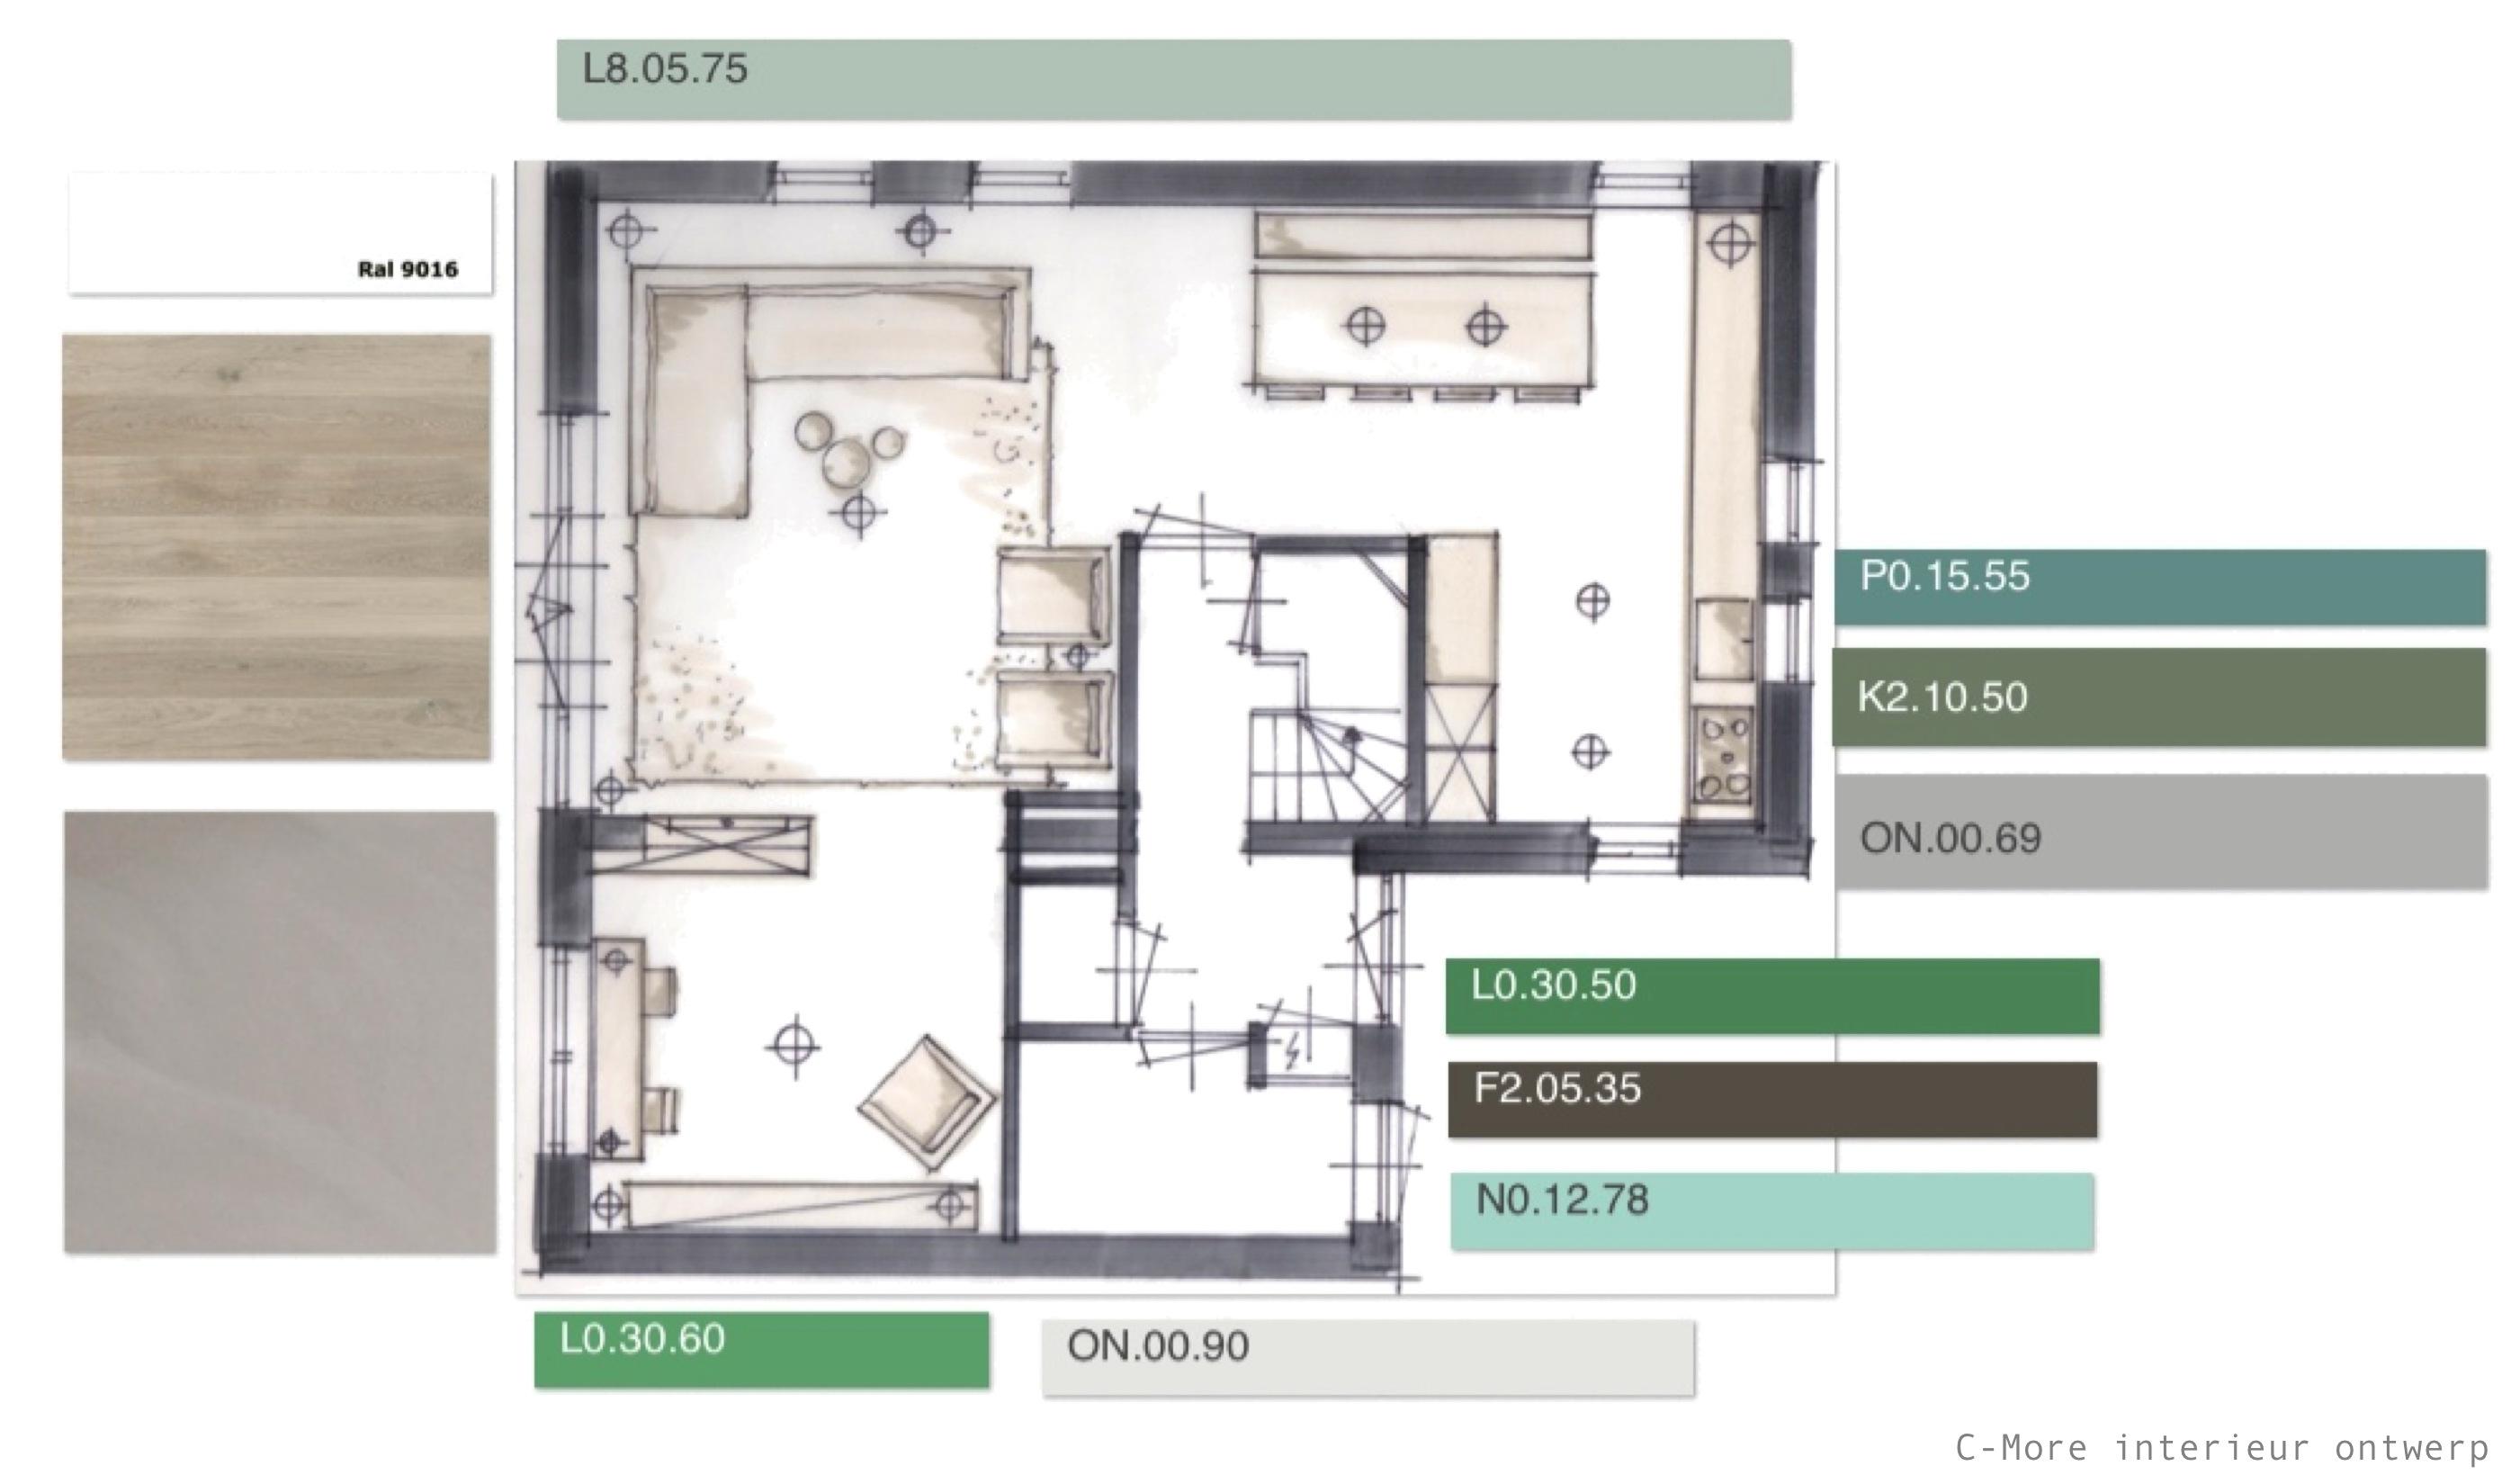 C-More interieur ontwerp | Workshops + Cursus Kleur en interieur